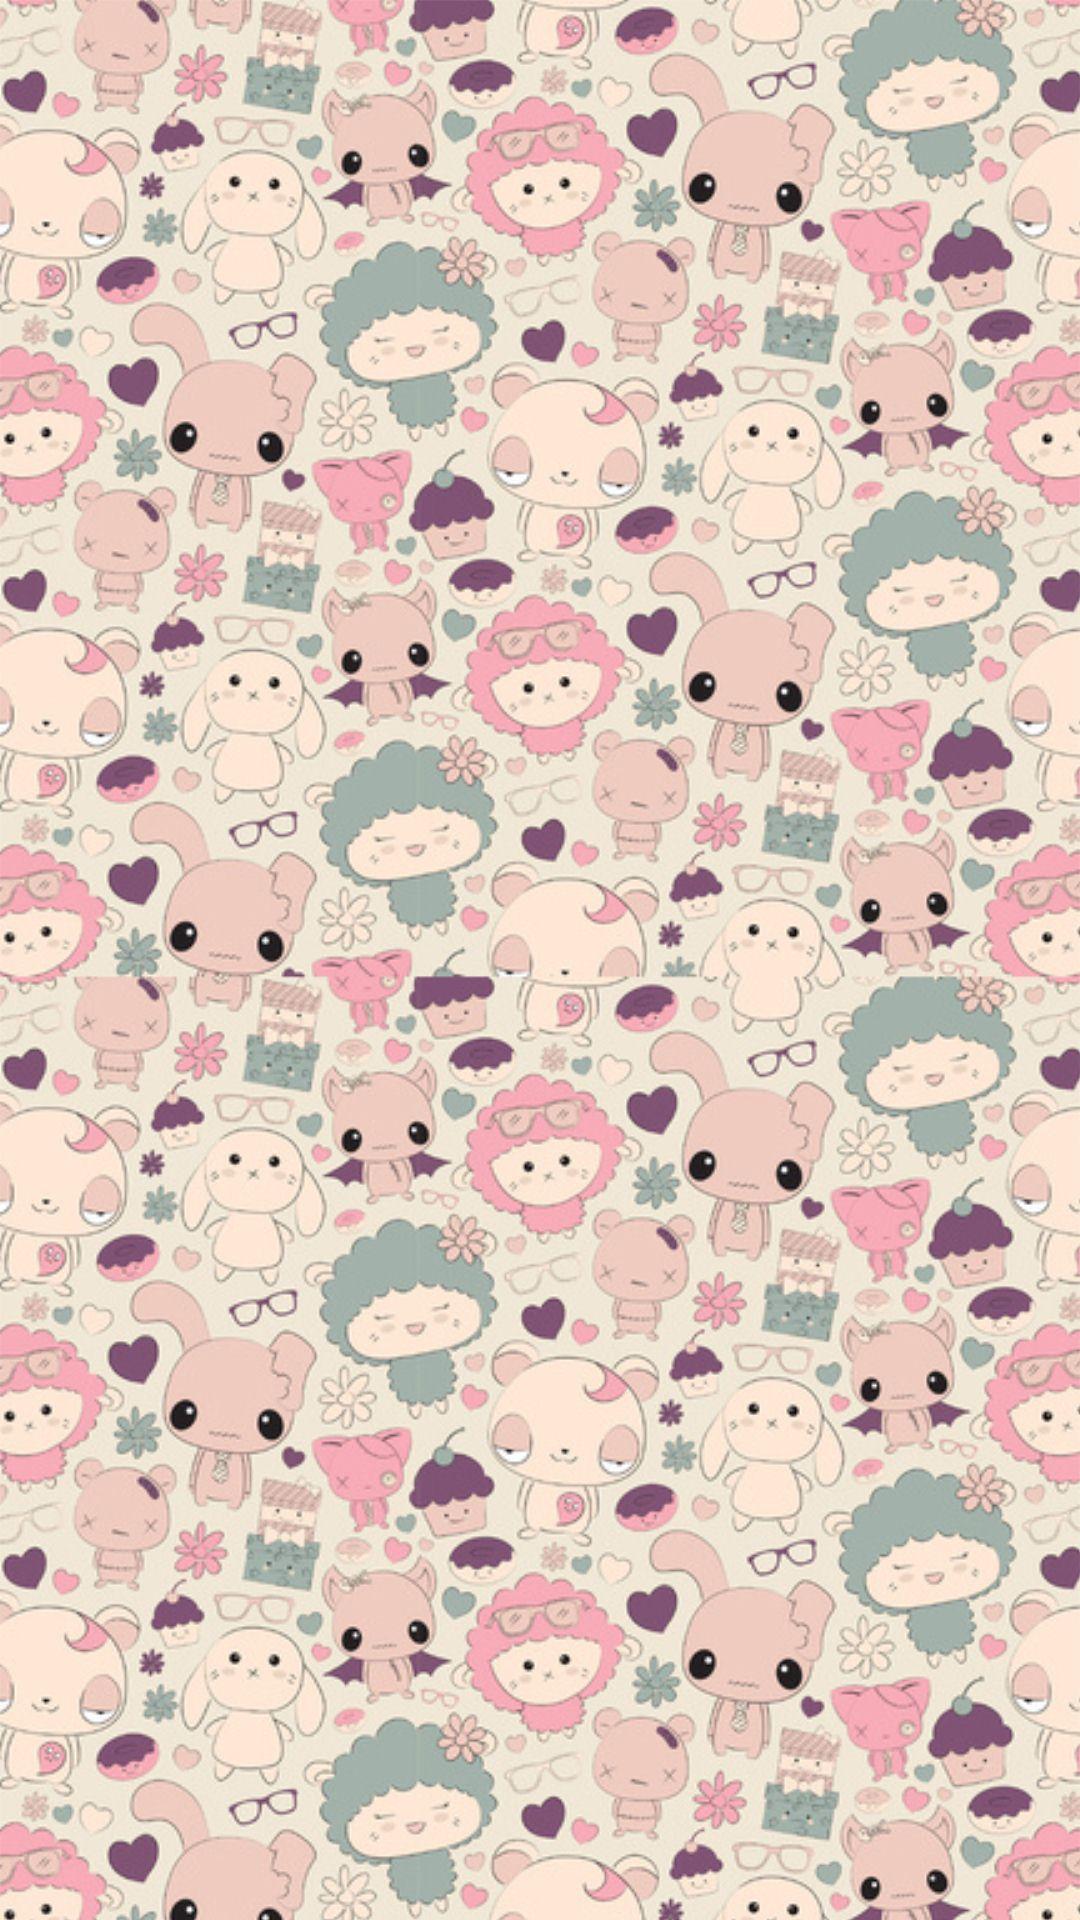 Cute My Melody Wallpaper Kawaii Iphone Wallpapers Pixelstalk Net